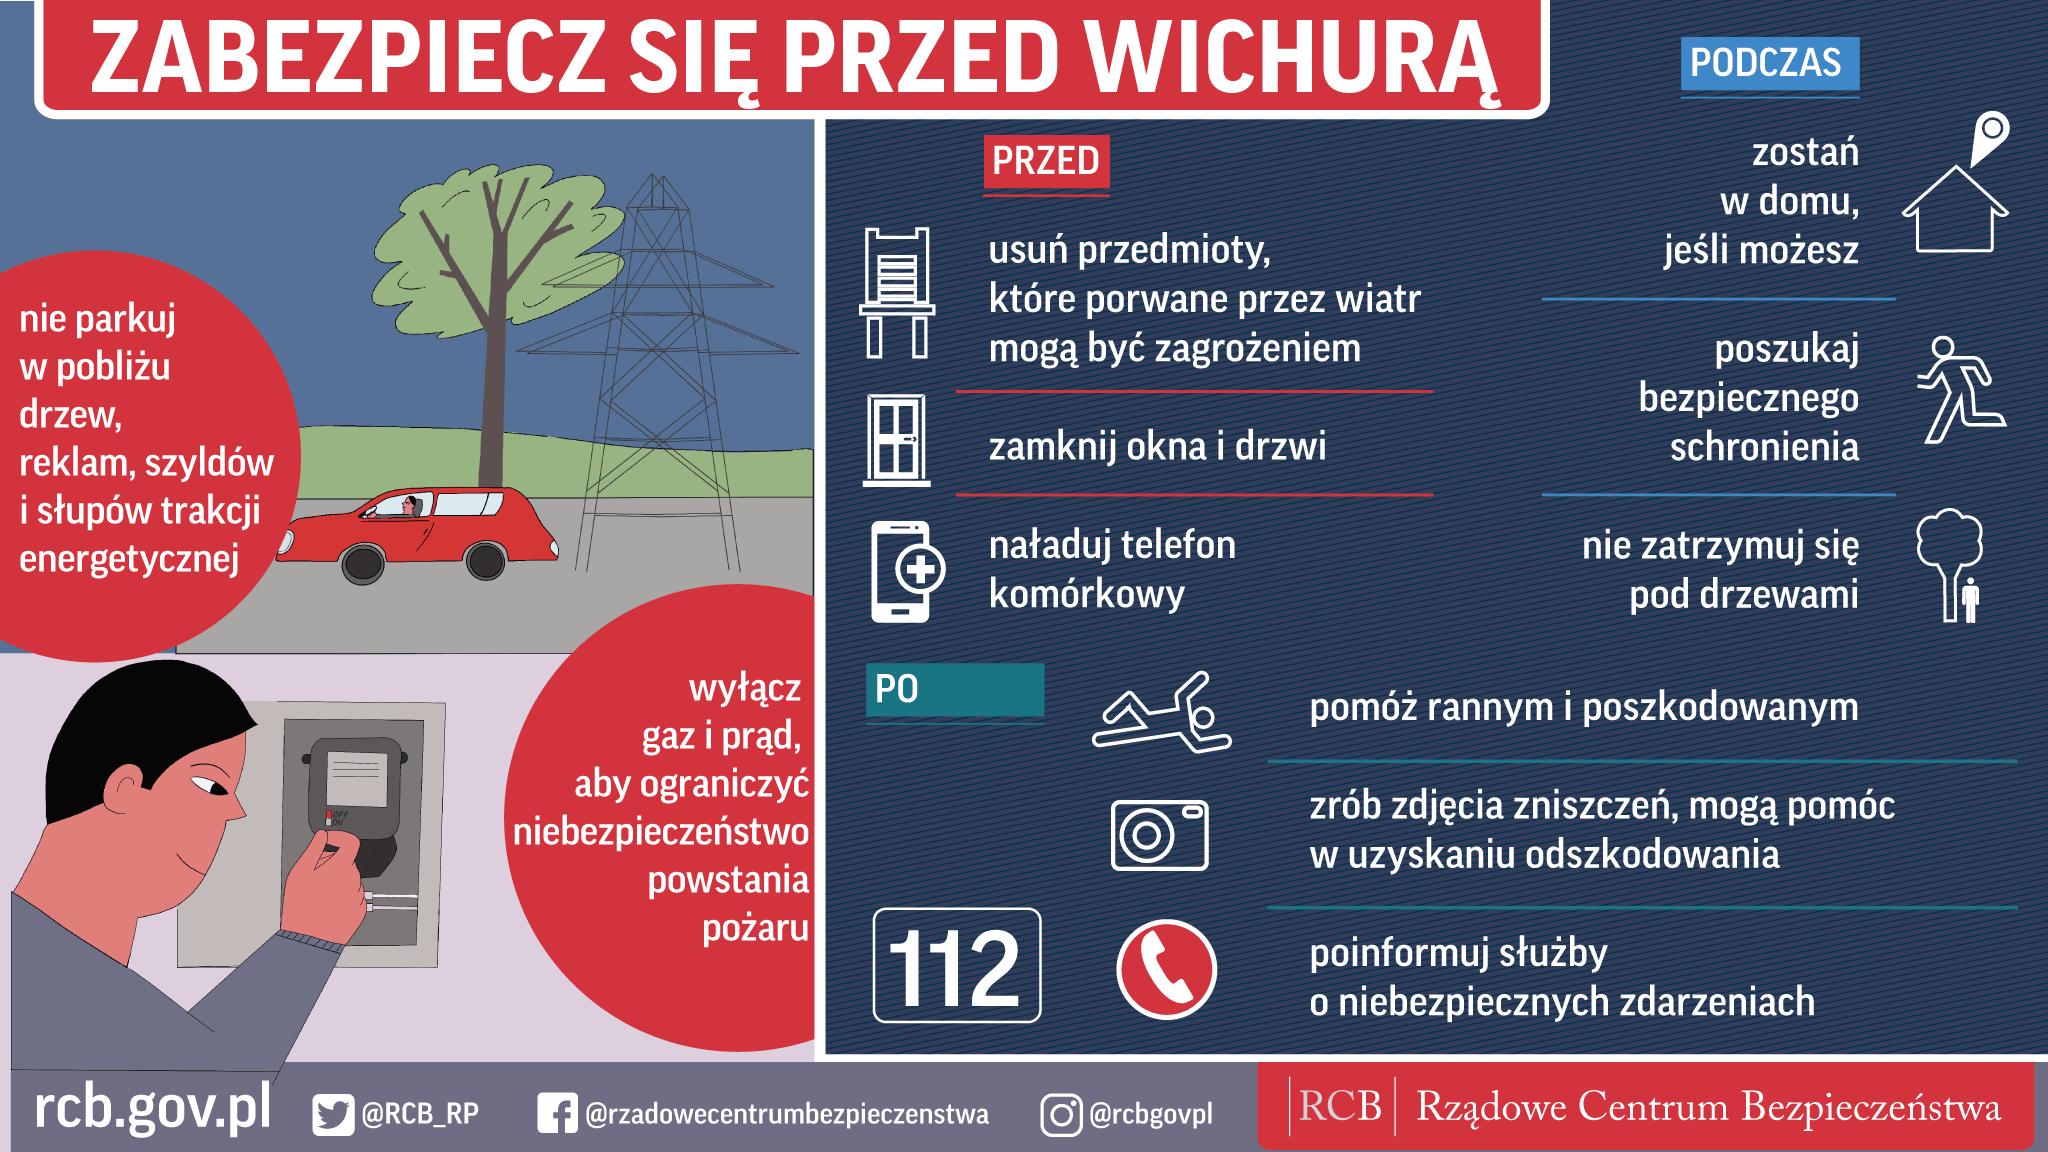 Infografika dotycząca bezpiecznych zachowań podczas wichury: - nie parkuj w pobliżu drzew, reklam, szyldów i słupów trakcji energetycznej, - wyłącz gaz i prąd, aby ograniczyć niebezpieczeństwo powstania pożaru, - przed wichurą: naładuj telefon komórkowy, zamknij okna i drzwi, usuń przedmioty, które porwane przez wiatr mogą być zagrożeniem, - podczas wichury: nie zatrzymuj się pod drzewami, poszukaj bezpiecznego schronienia, jeśli możesz – zostań w domu, - po wichurze: pomóż rannym i poszkodowanym, zrób zdjęcia zniszczeń – mogą pomóc w uzyskaniu odszkodowania, poinformuj służby o niebezpiecznych zdarzeniach.